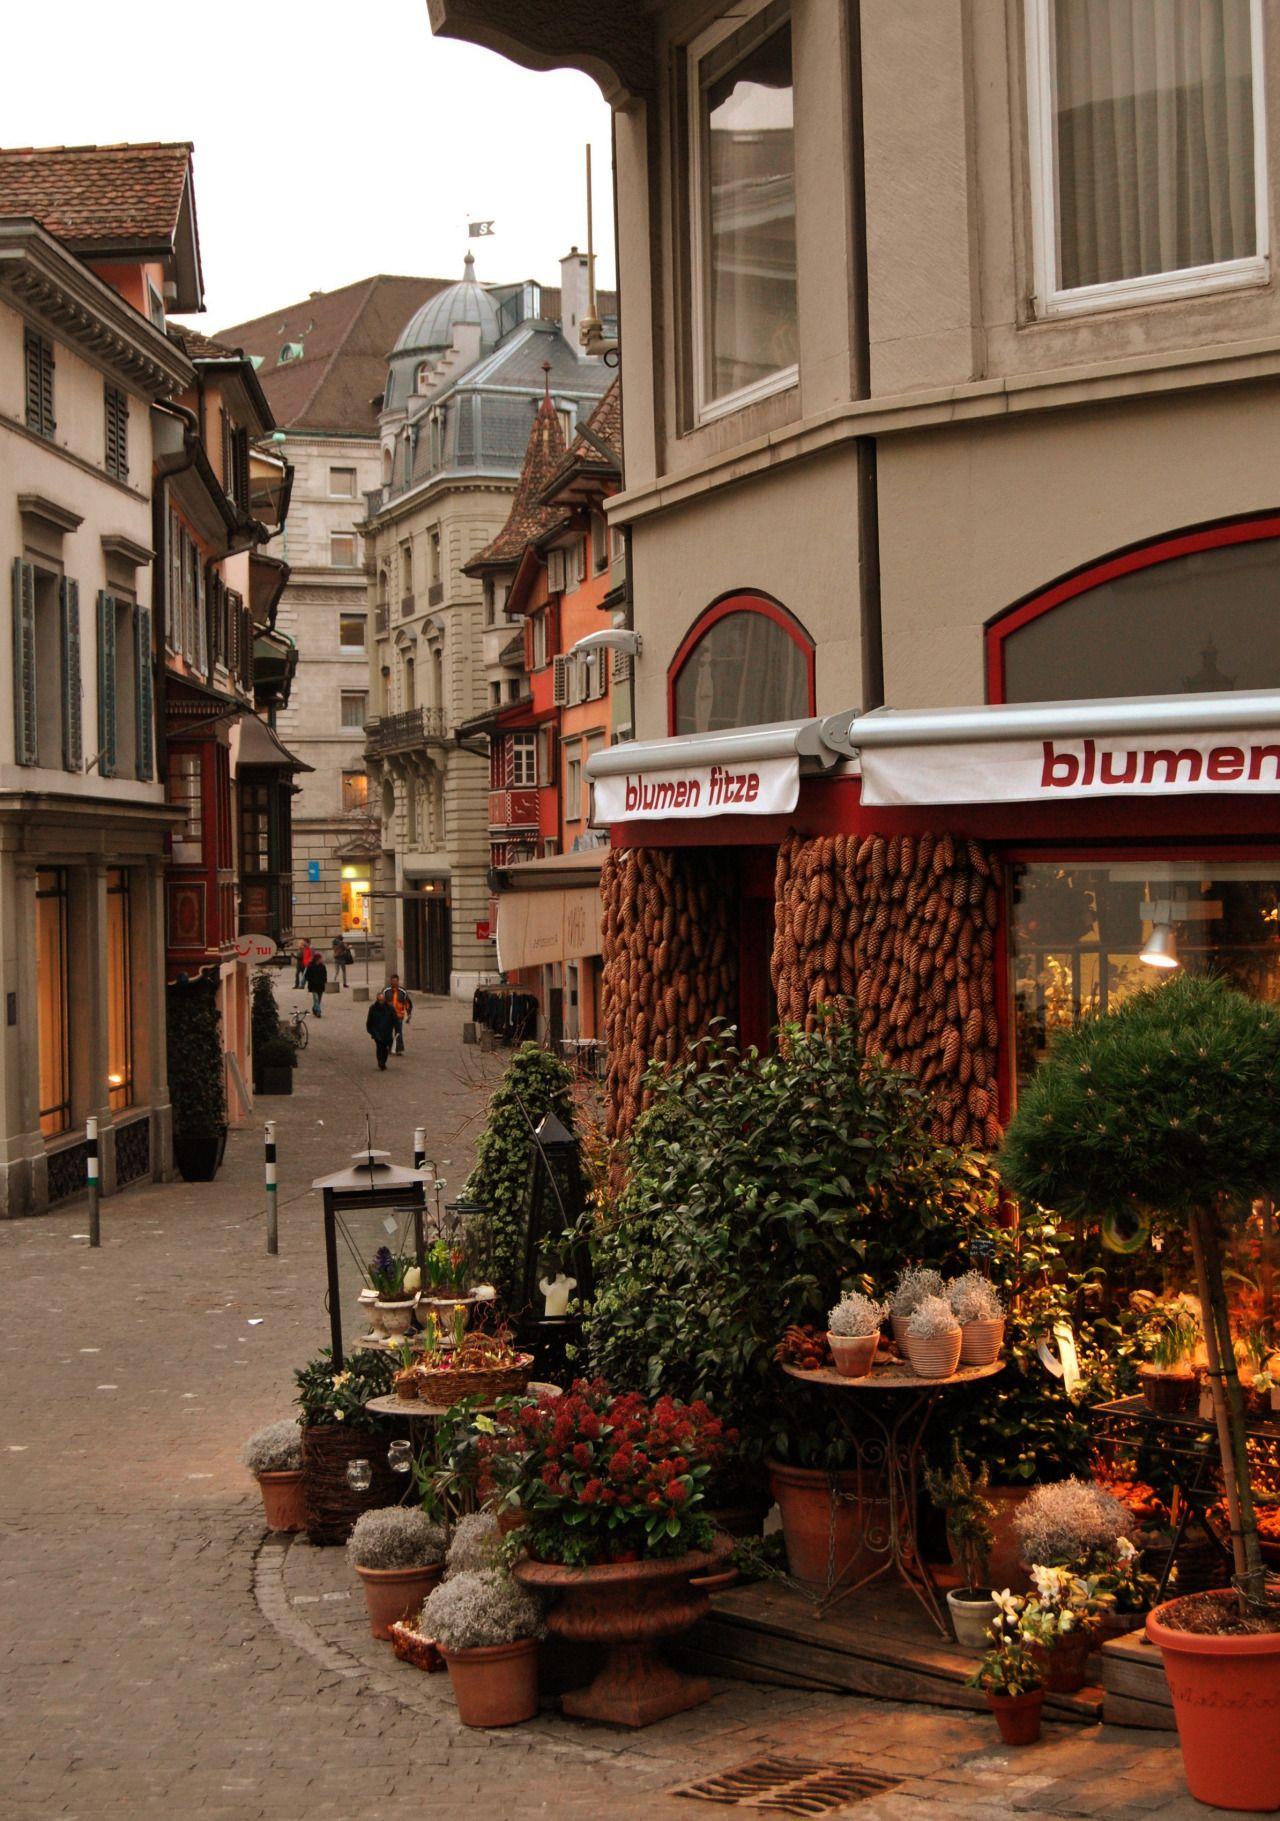 Zürich, Switzerland photography by cityhopper2